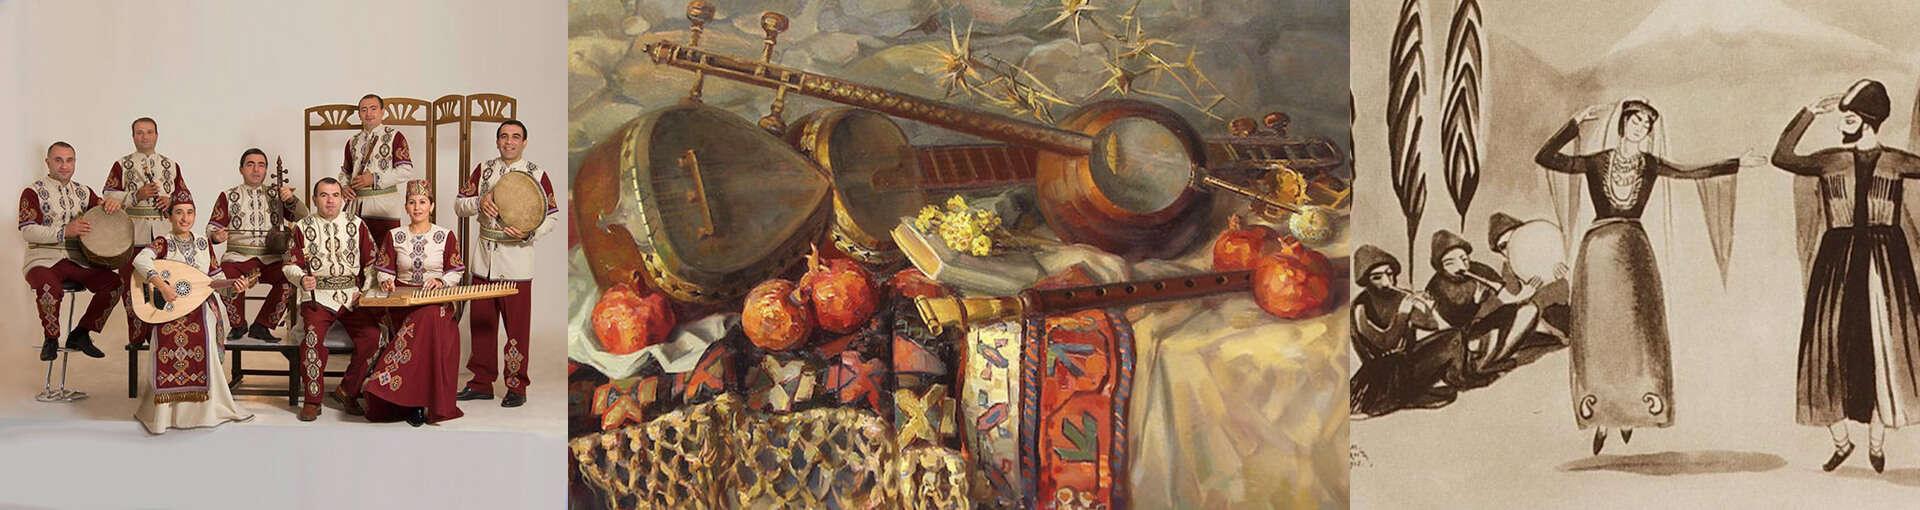 Հայկական երաժշտություն